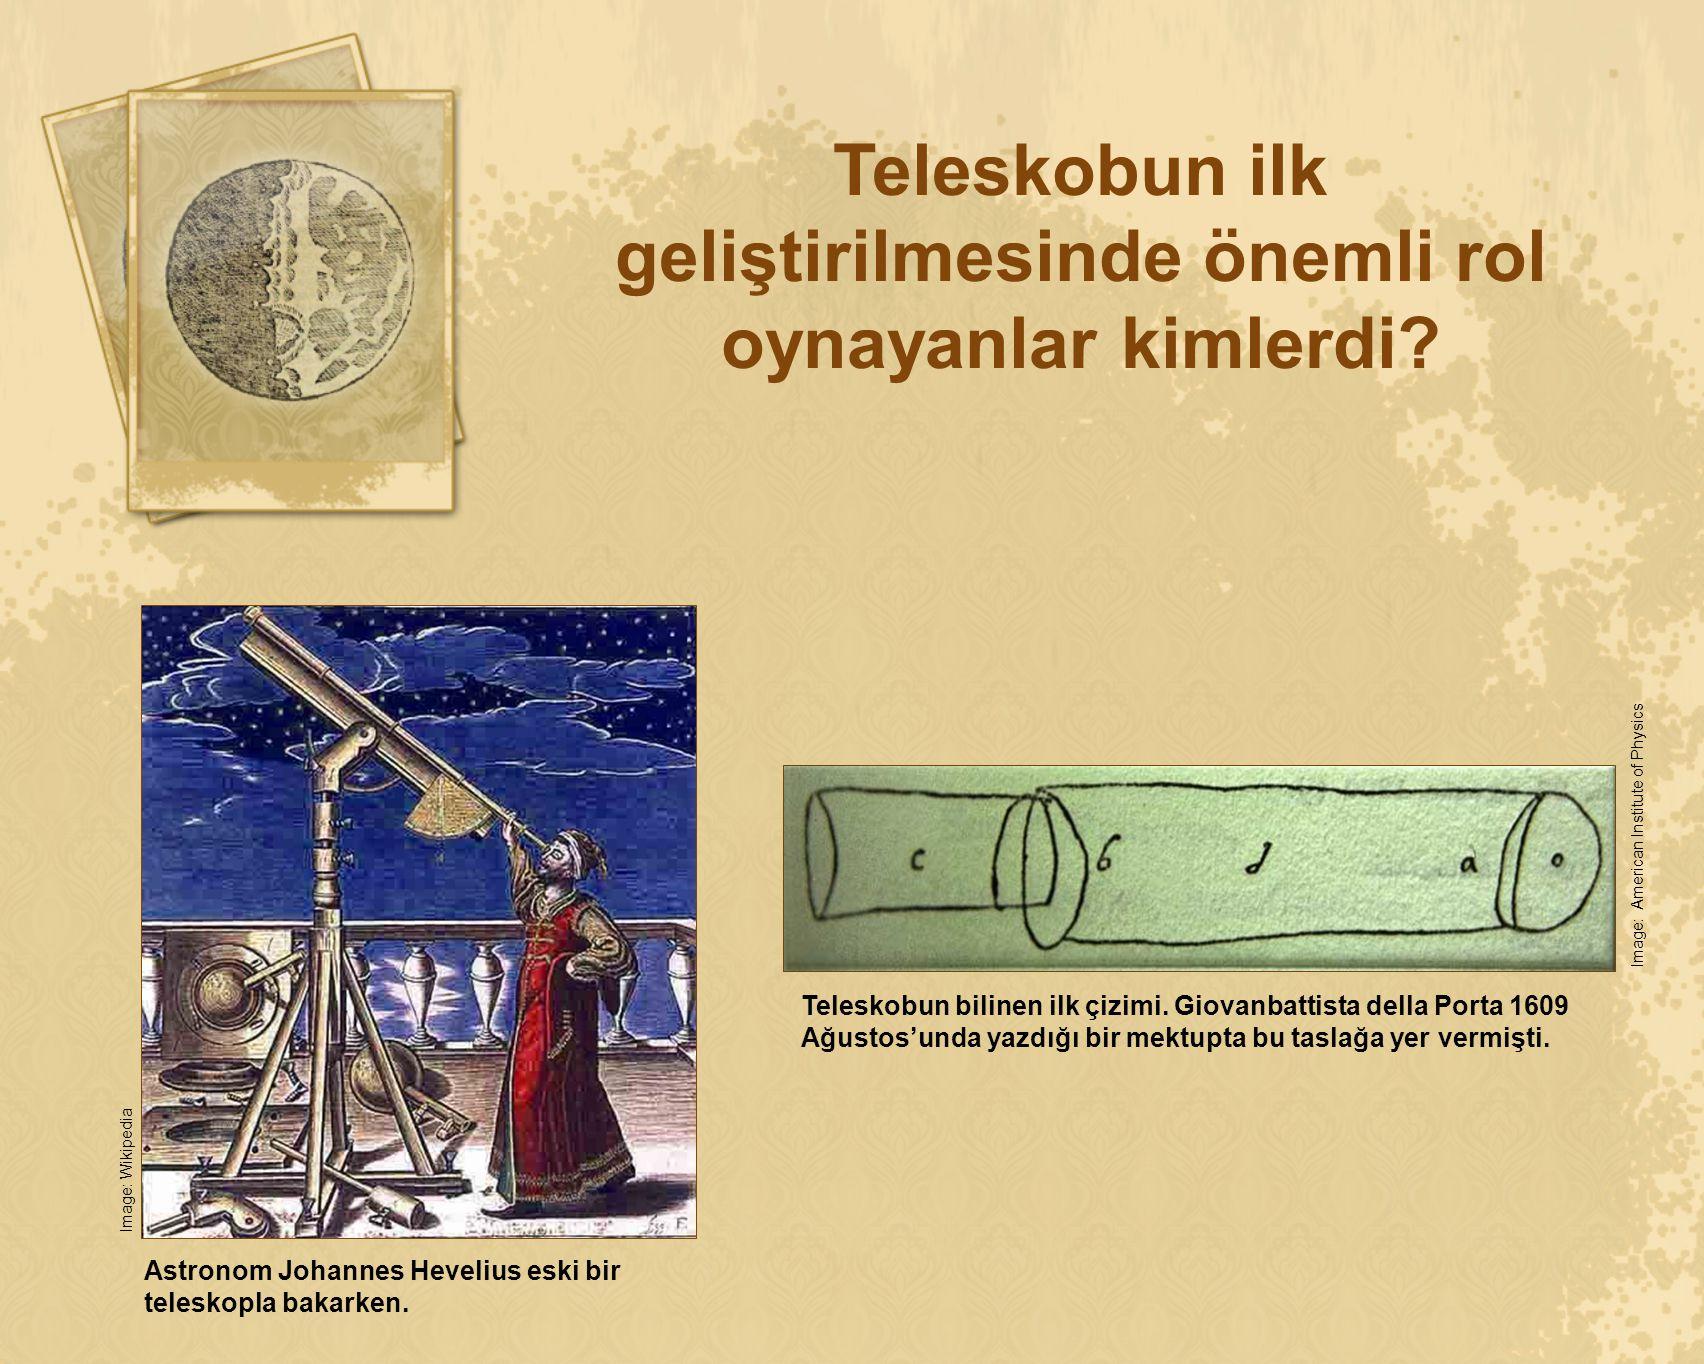 Teleskobun ilk geliştirilmesinde önemli rol oynayanlar kimlerdi